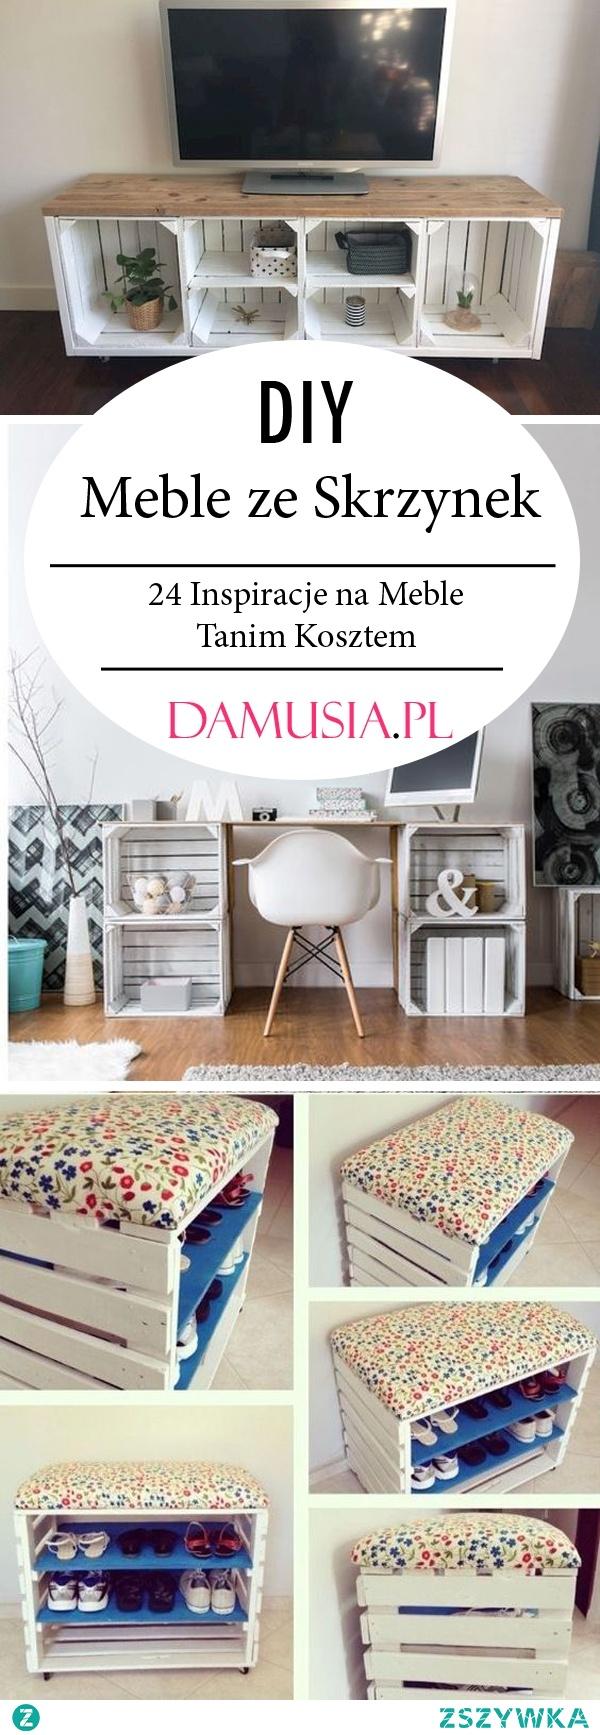 Meble ze Skrzynek – TOP 24 Inspiracje na Ręcznie Robione Meble ze Skrzynek Po Jabłkach